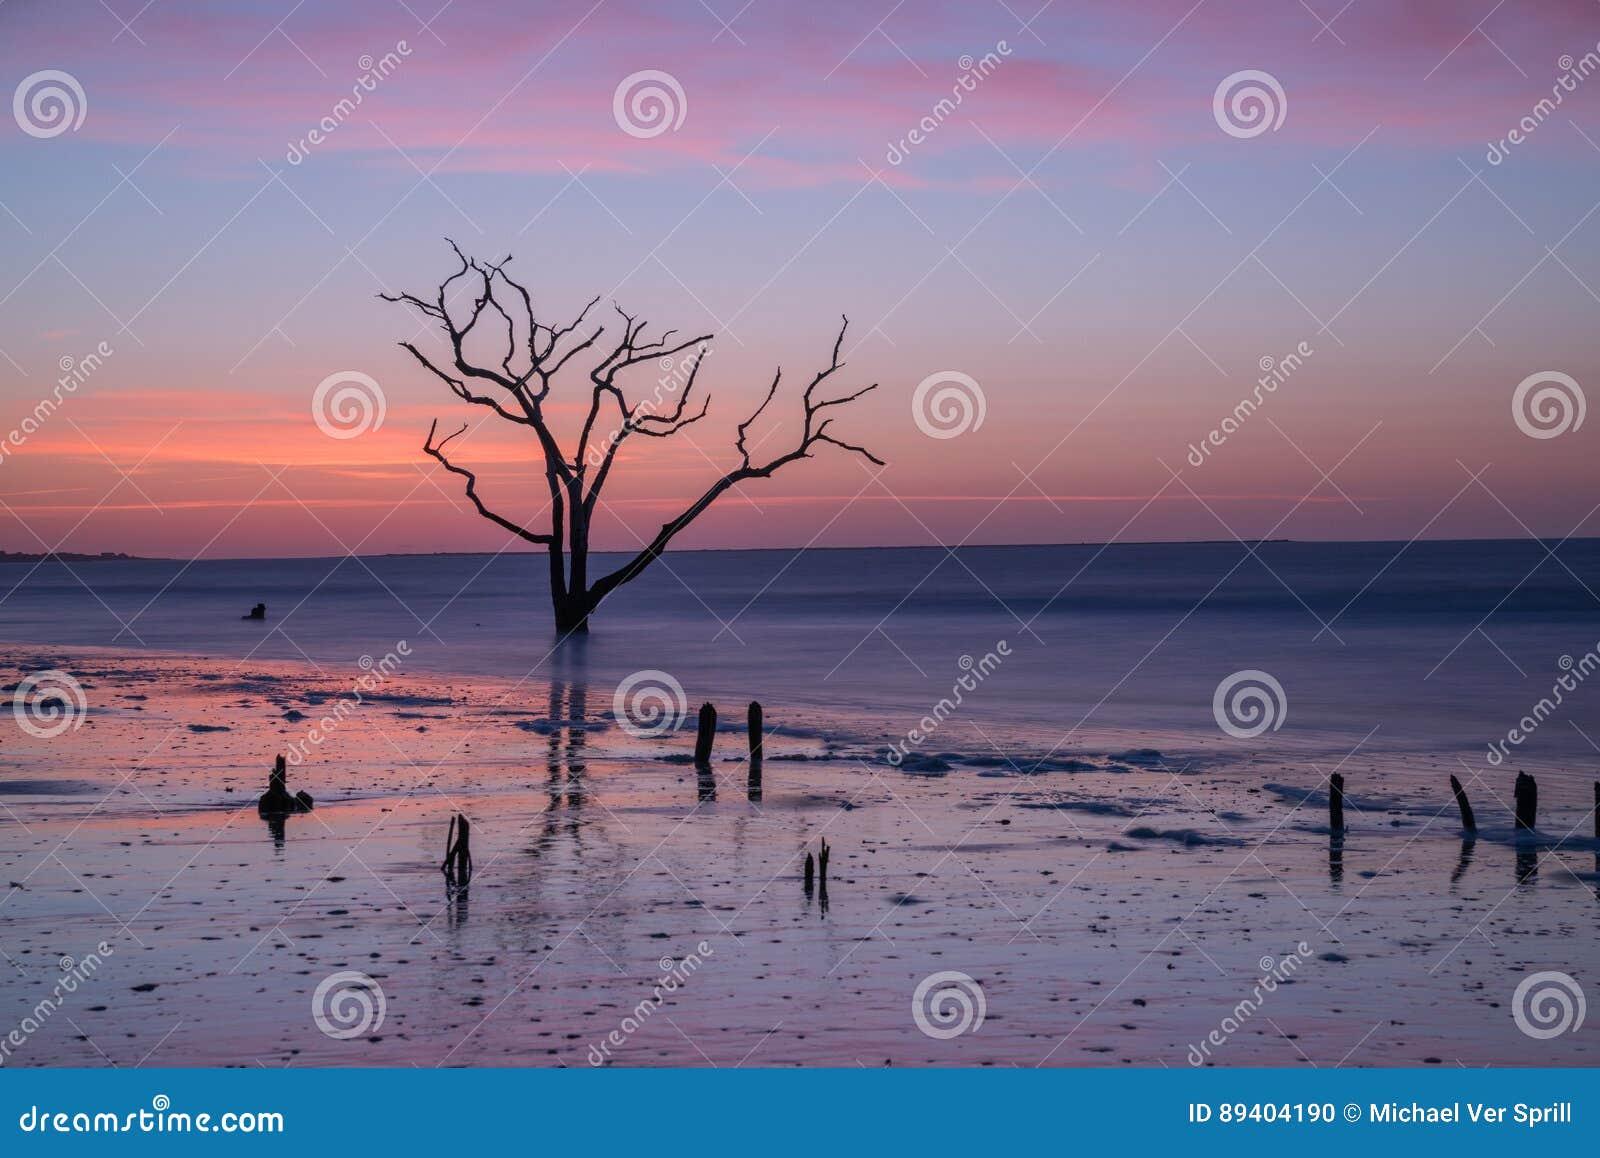 Praia da baía da Botânica no alvorecer